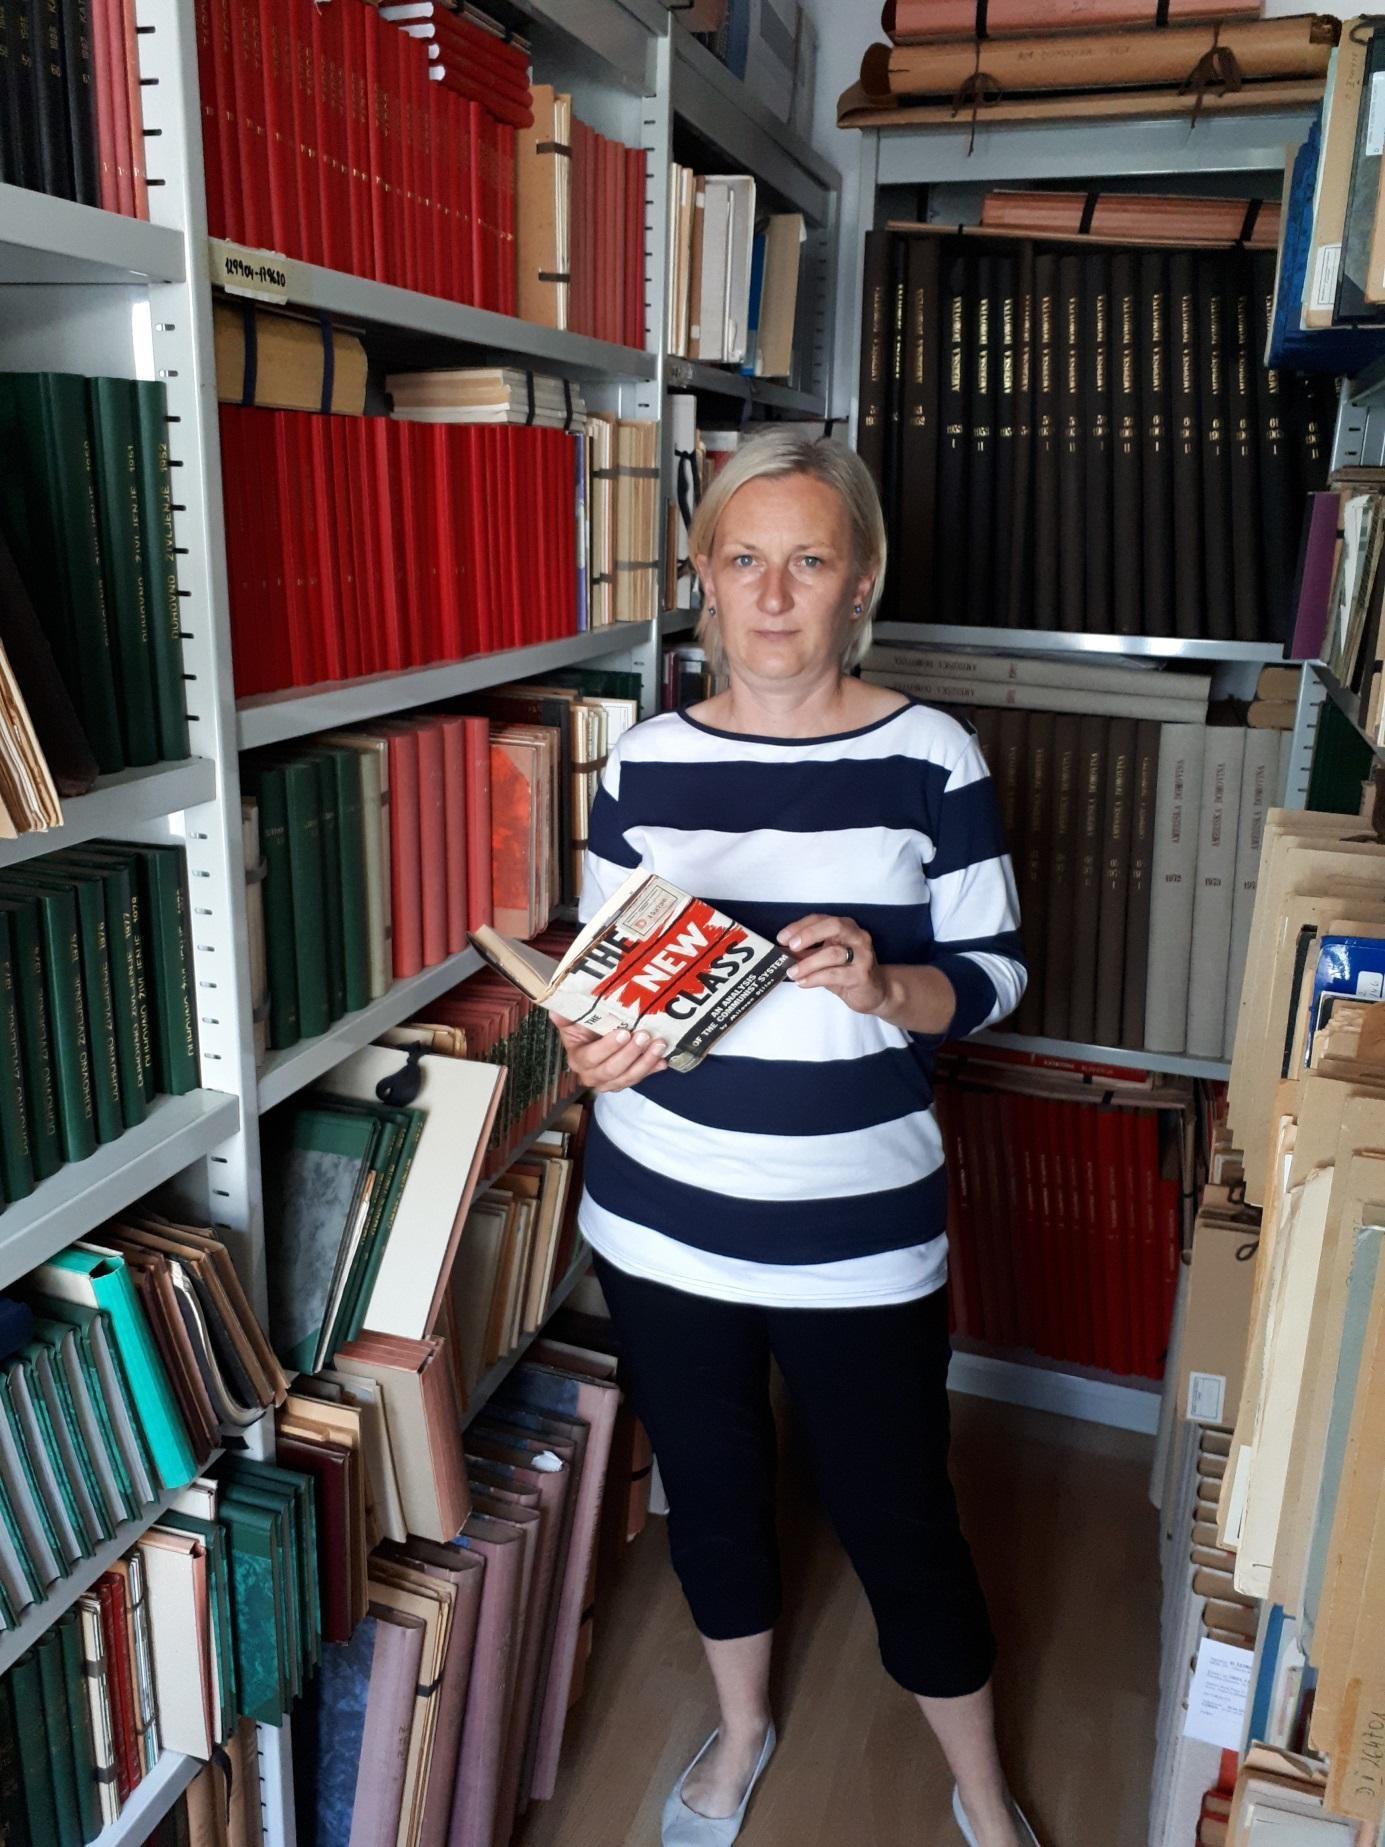 Helena Janežič in v ozadju D fond, ki se nahaja v sklopu Zbirke slovenskega tiska izven Republike Slovenije v Narodni in univerzitetni knjižnici v Ljubljani (2018-05-24).